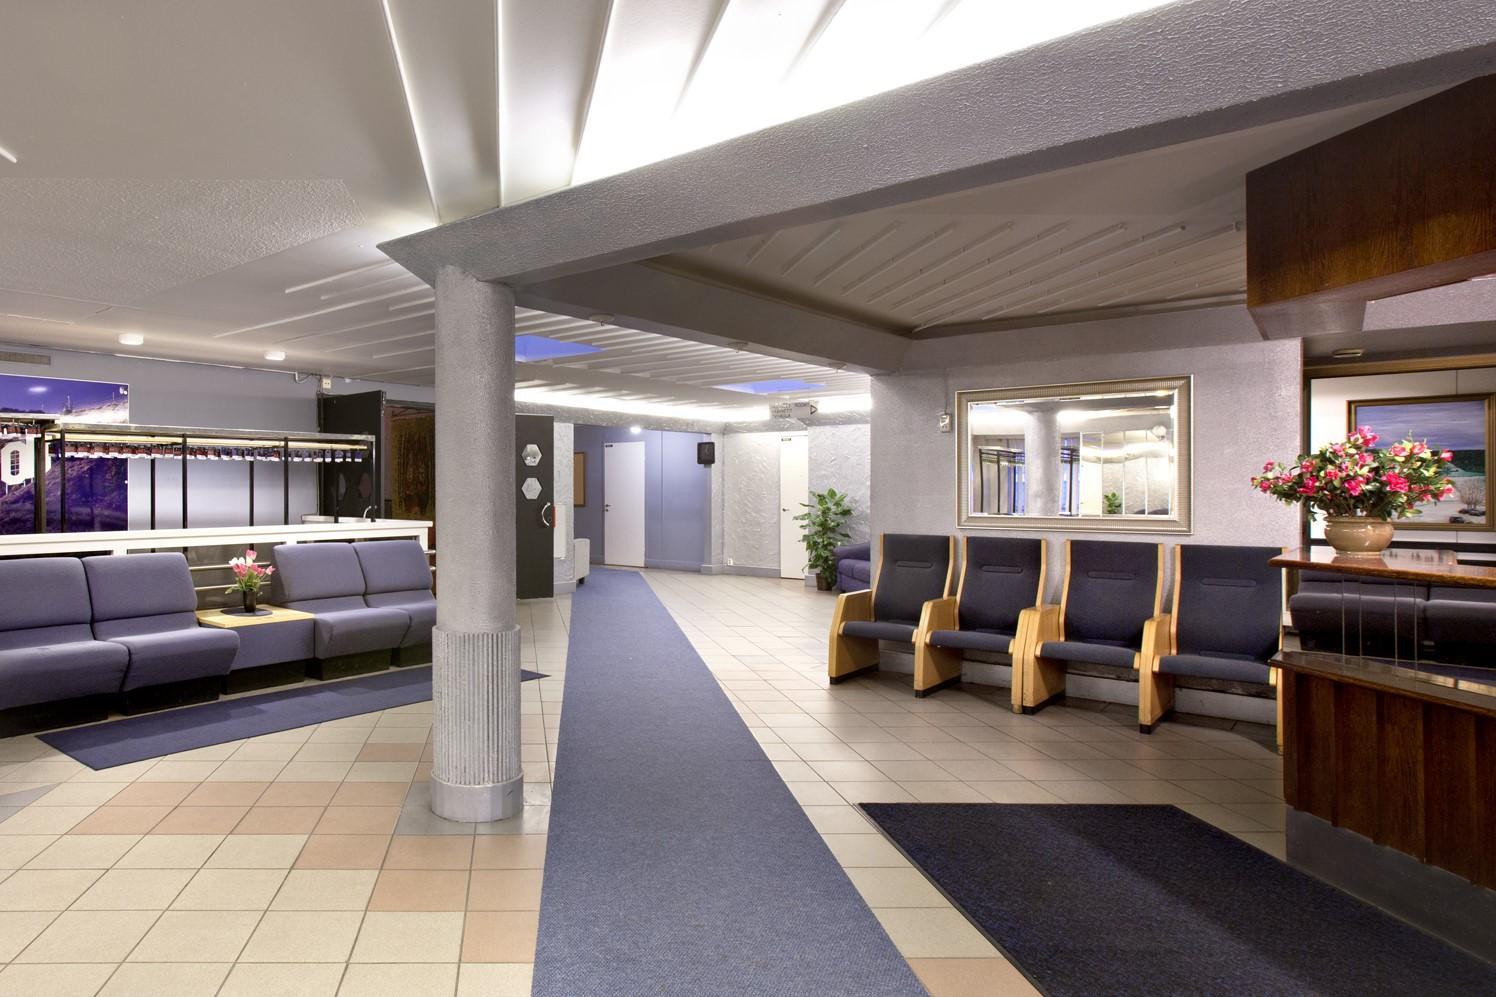 Aronkeitaan sisääntuloaula, lattialla mattoja, seinän vierustassa nojatuoleja ja oikealla etualalla tiski.